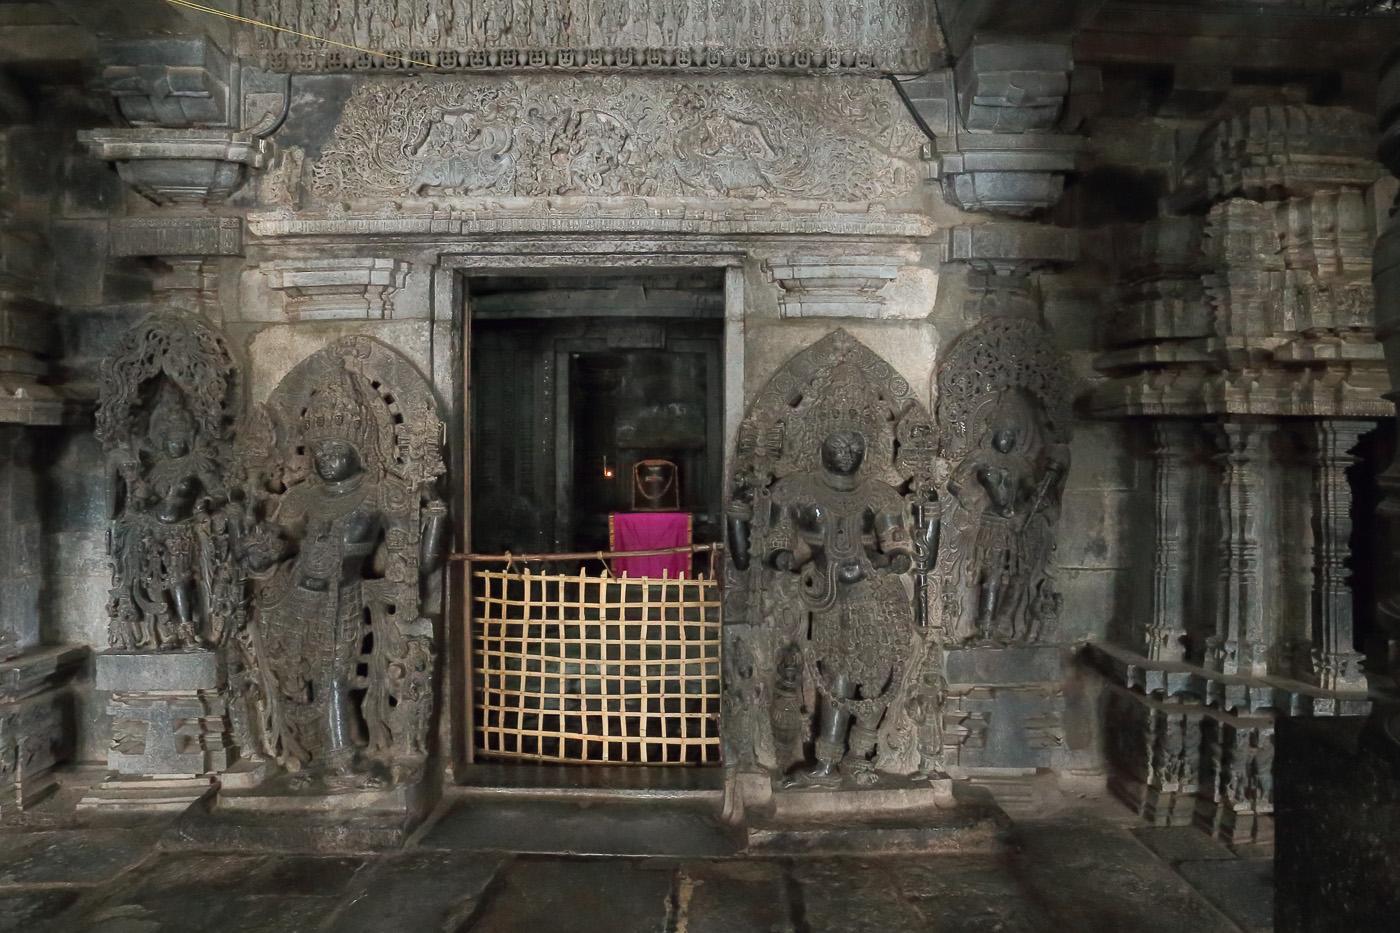 Фото №4. Храм Hoysaleshwara Temple в городе Халебиду, алтарь с лингамом. Рассказы о путешествии по Индии. Поездка в Карнатаку. 1/8, -1 eV, f9, 17 mm, ISO 12800